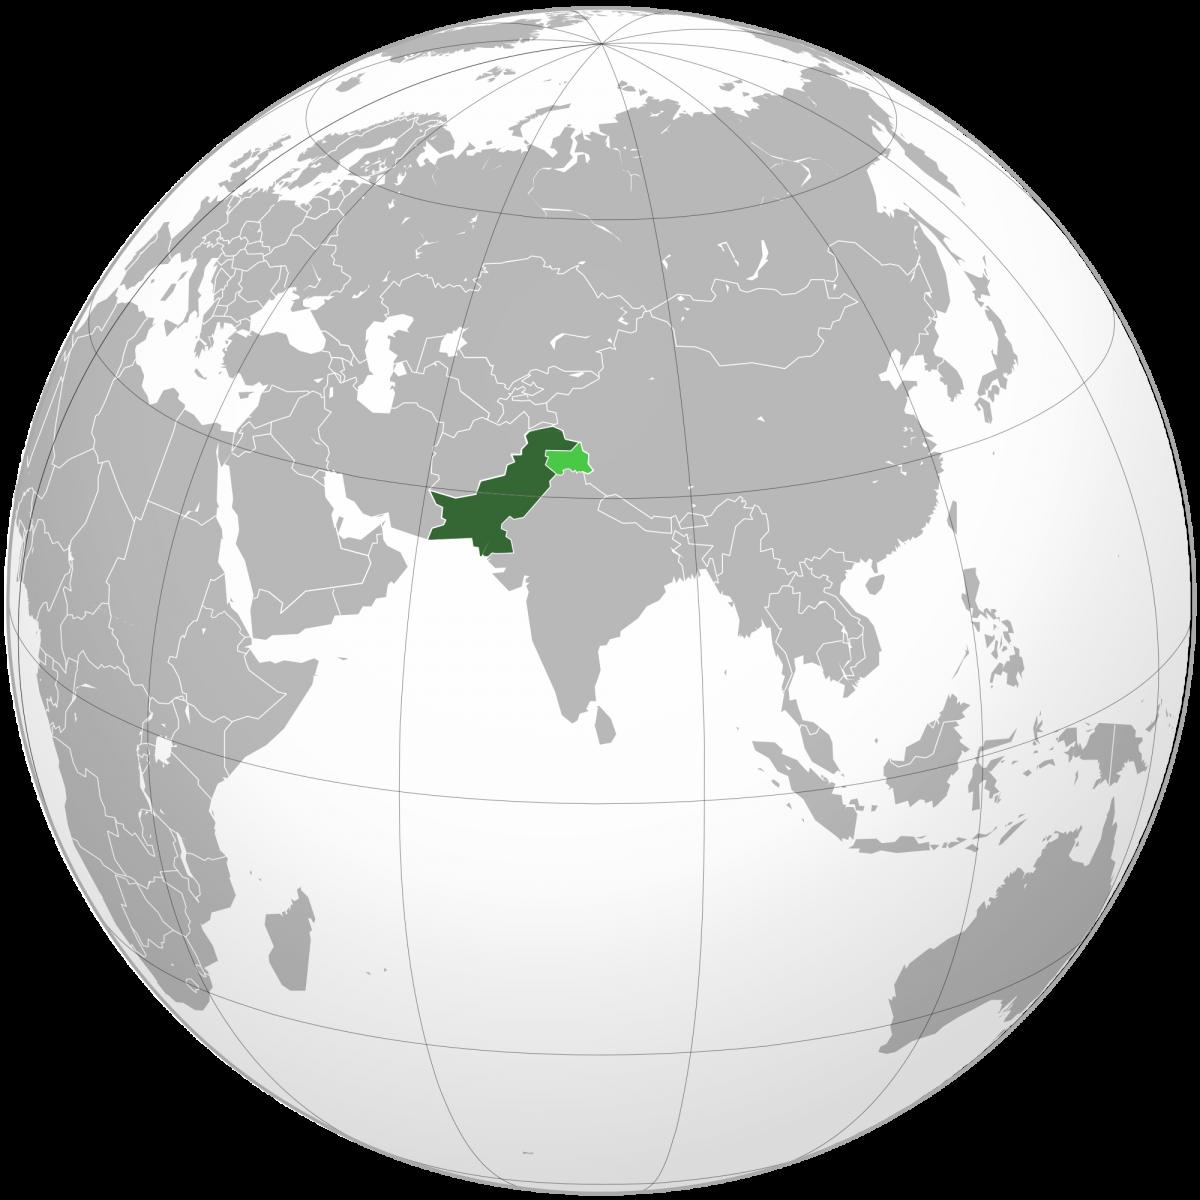 pakistan social media block